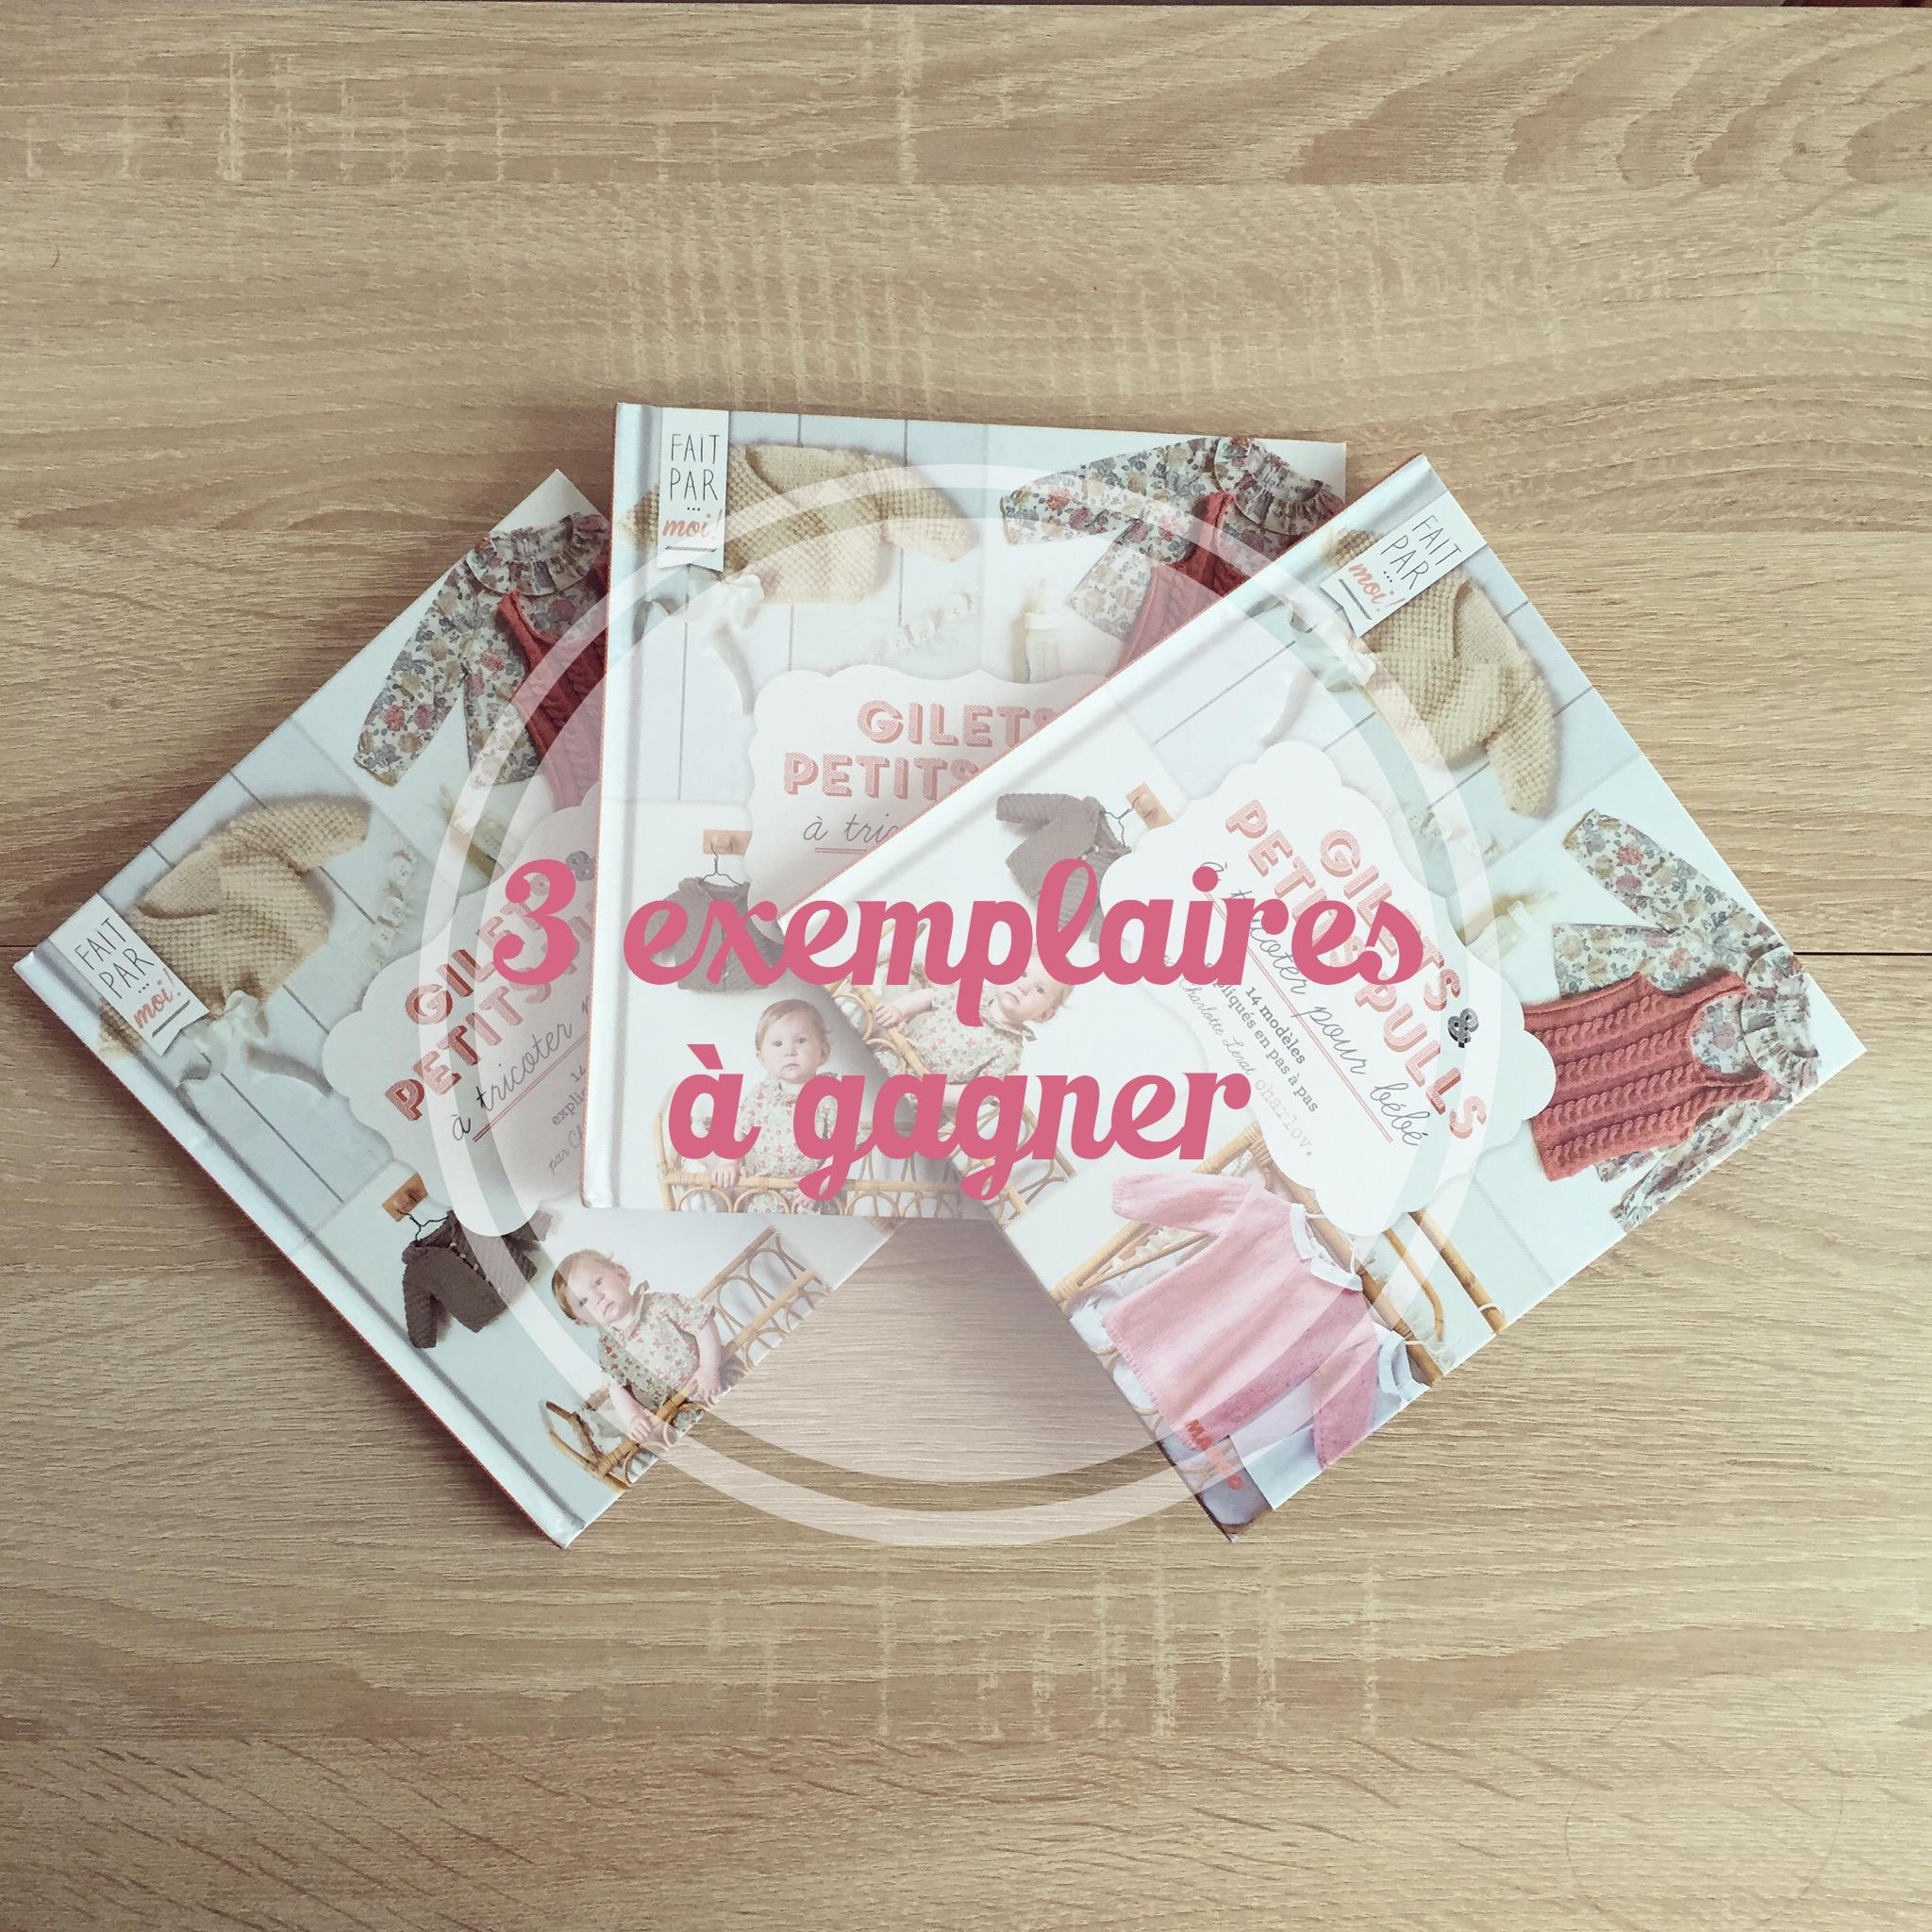 Les coulisses du livre Gilets et petits pulls pour bébé + concours!